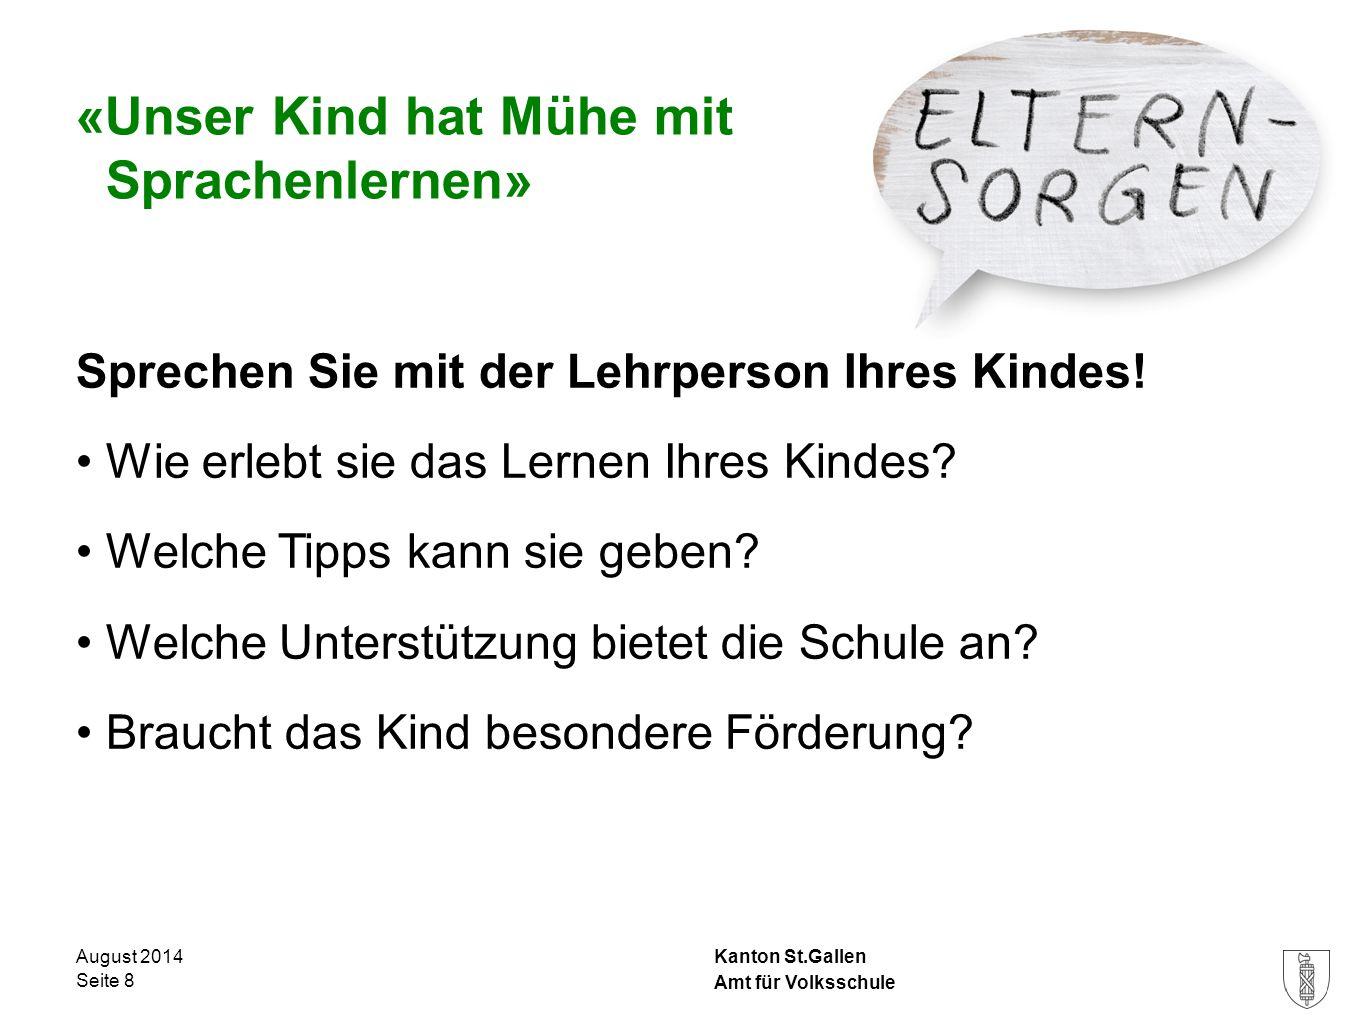 Kanton St.Gallen «Unser Kind hat Mühe mit Sprachenlernen» Sprechen Sie mit der Lehrperson Ihres Kindes! Wie erlebt sie das Lernen Ihres Kindes? Welche